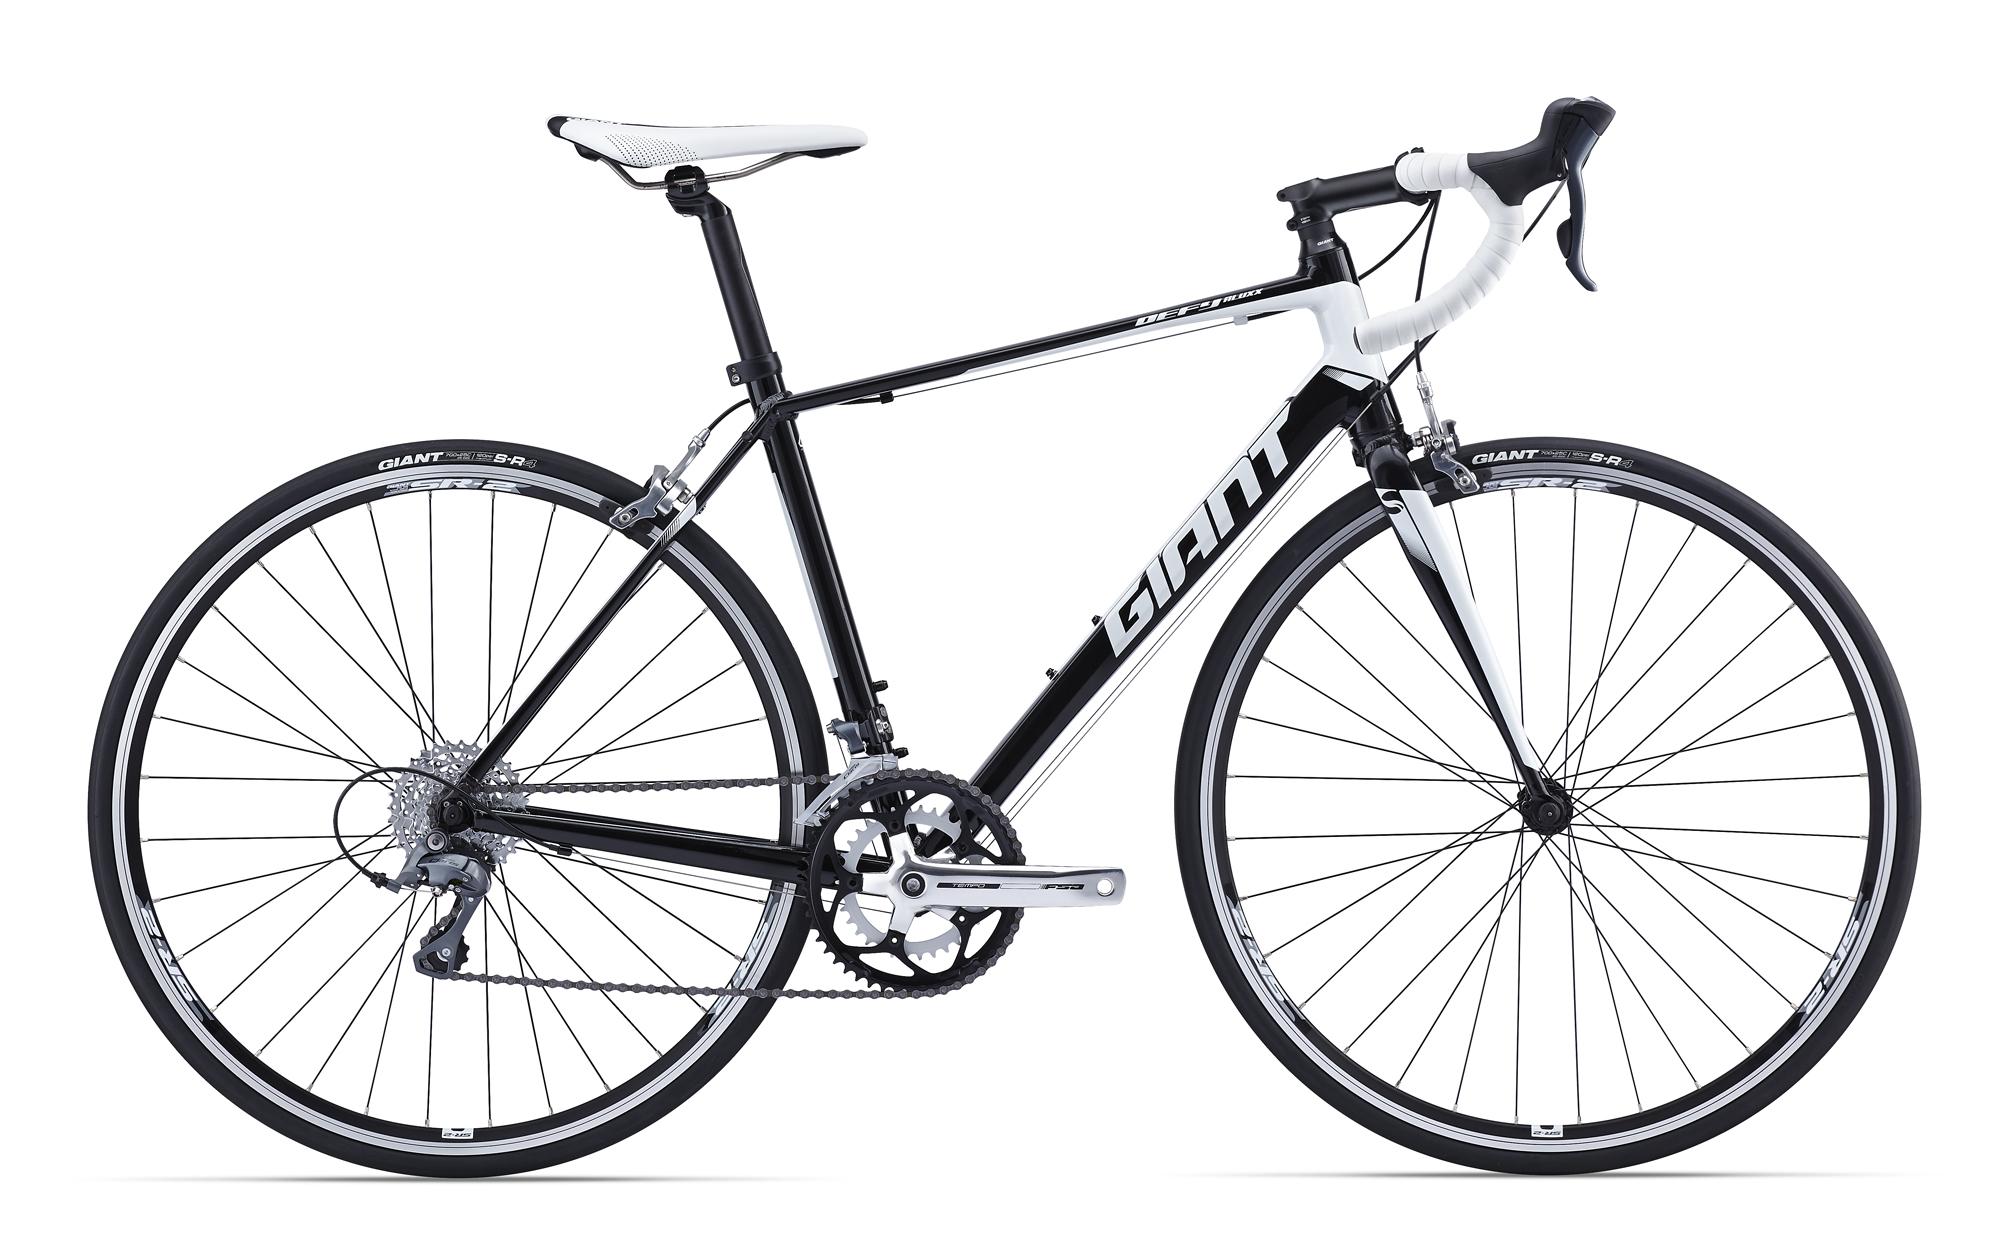 Велосипед Defy 5 Колесо:700c Рама:S Цвет:Черный/Белый от Ravta